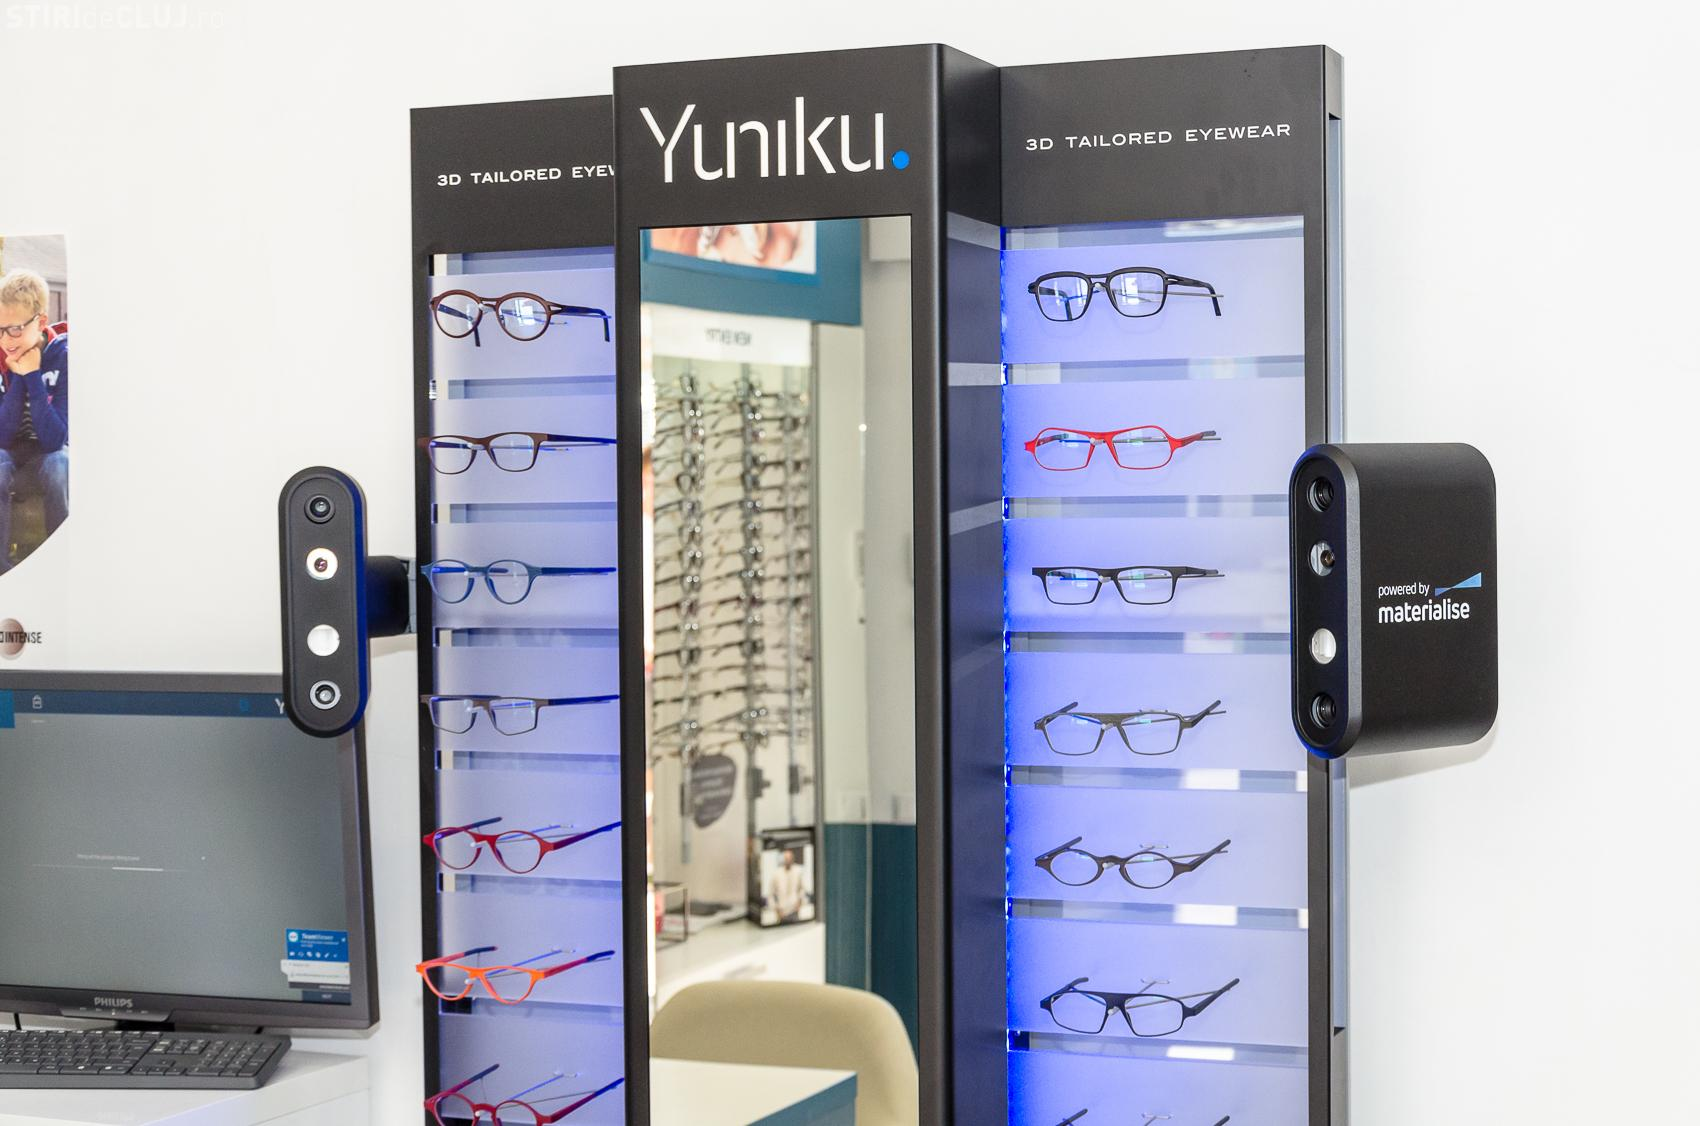 Gama Optic a adus la Cluj tehnologia Yuniku, care oferă rame printate 3D și ochelari customizați